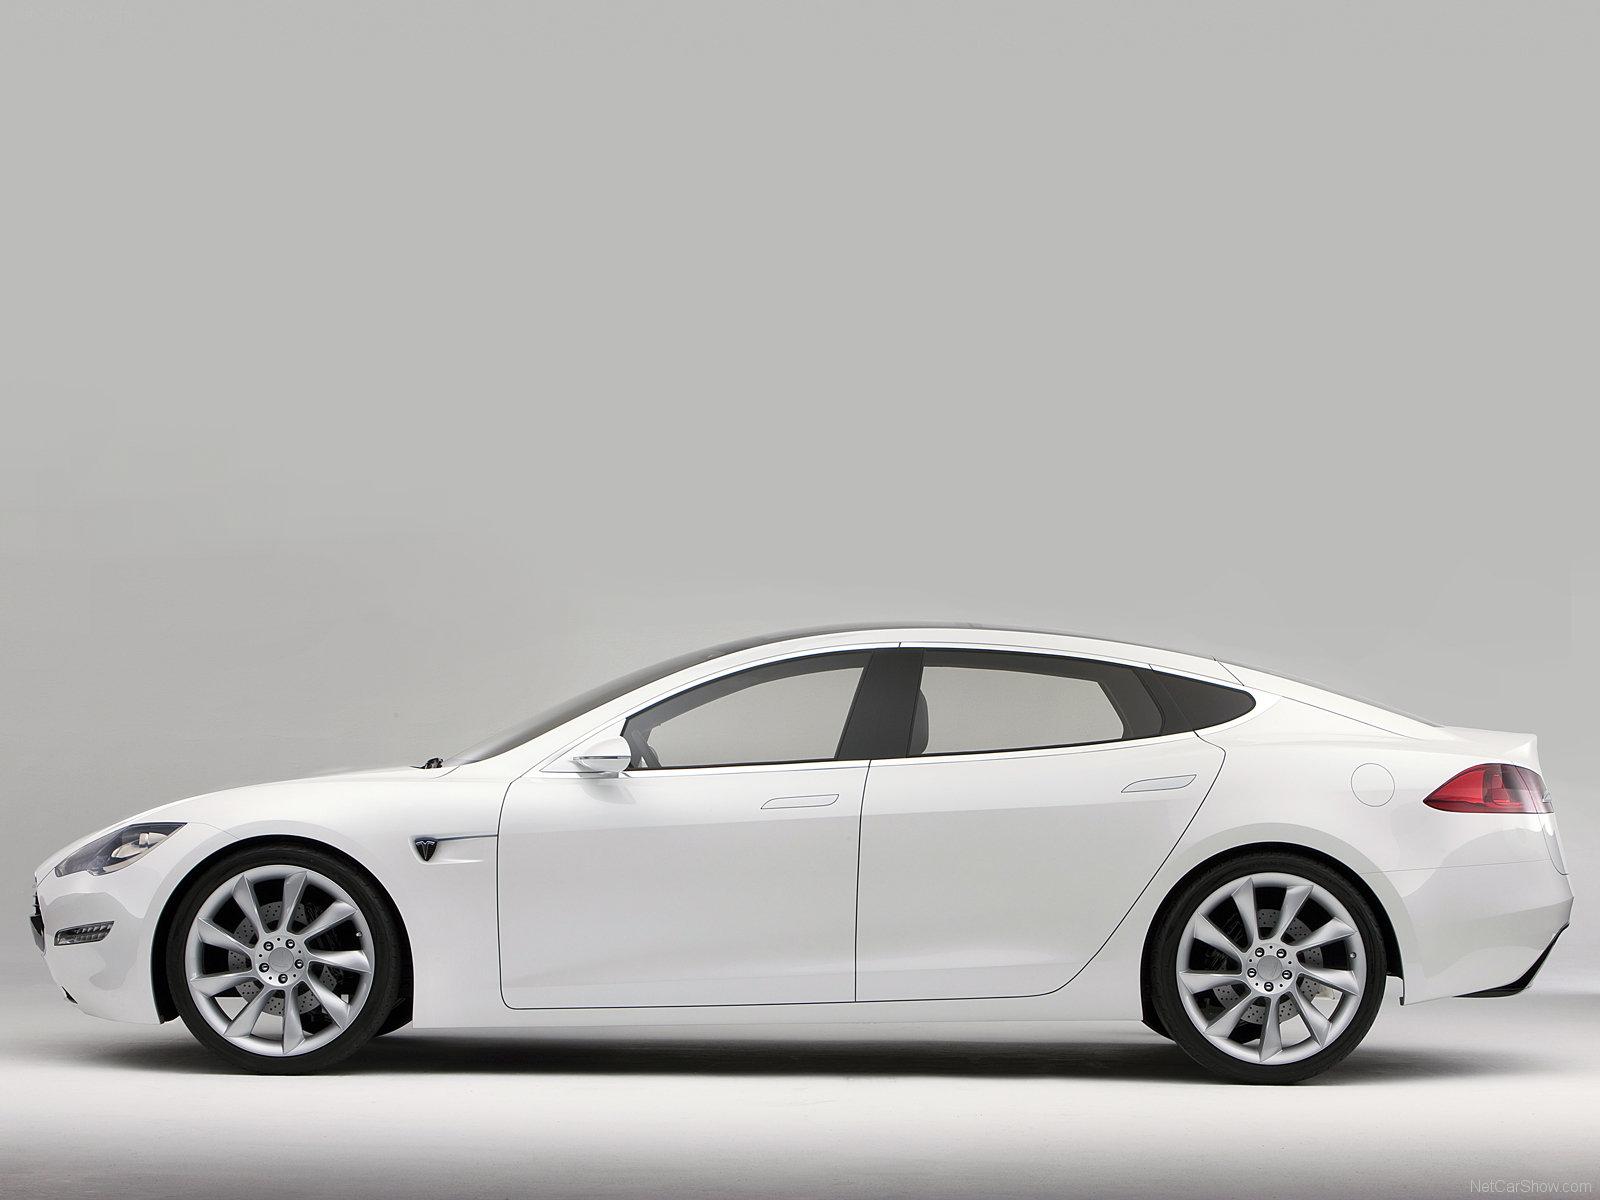 Hình ảnh xe điện Tesla Model S Concept 2009 & nội ngoại thất